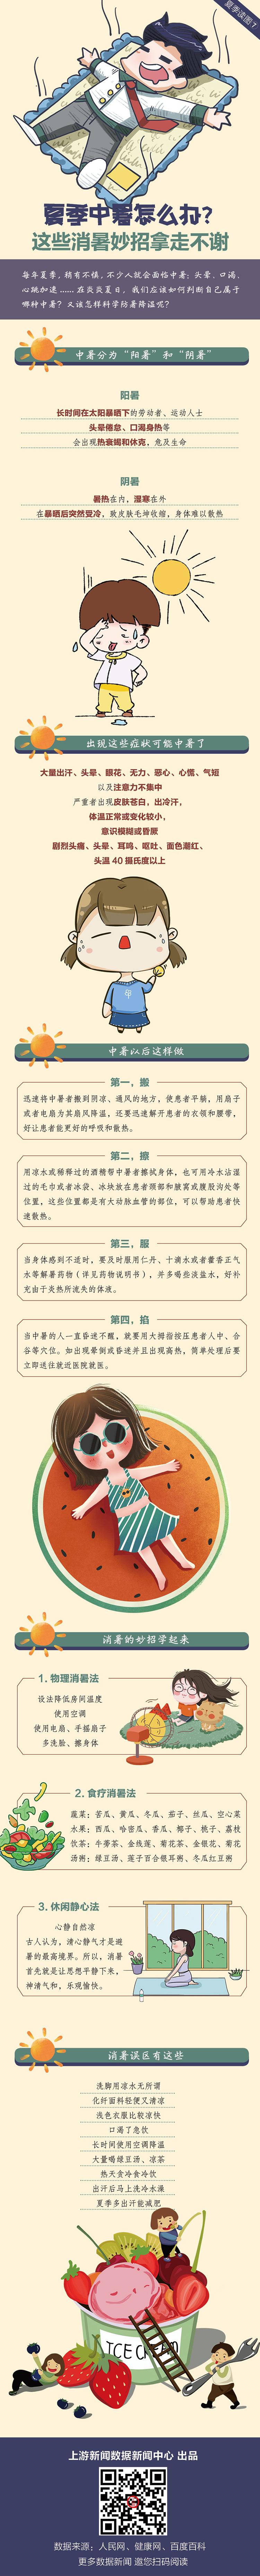 夏季读图7.jpg